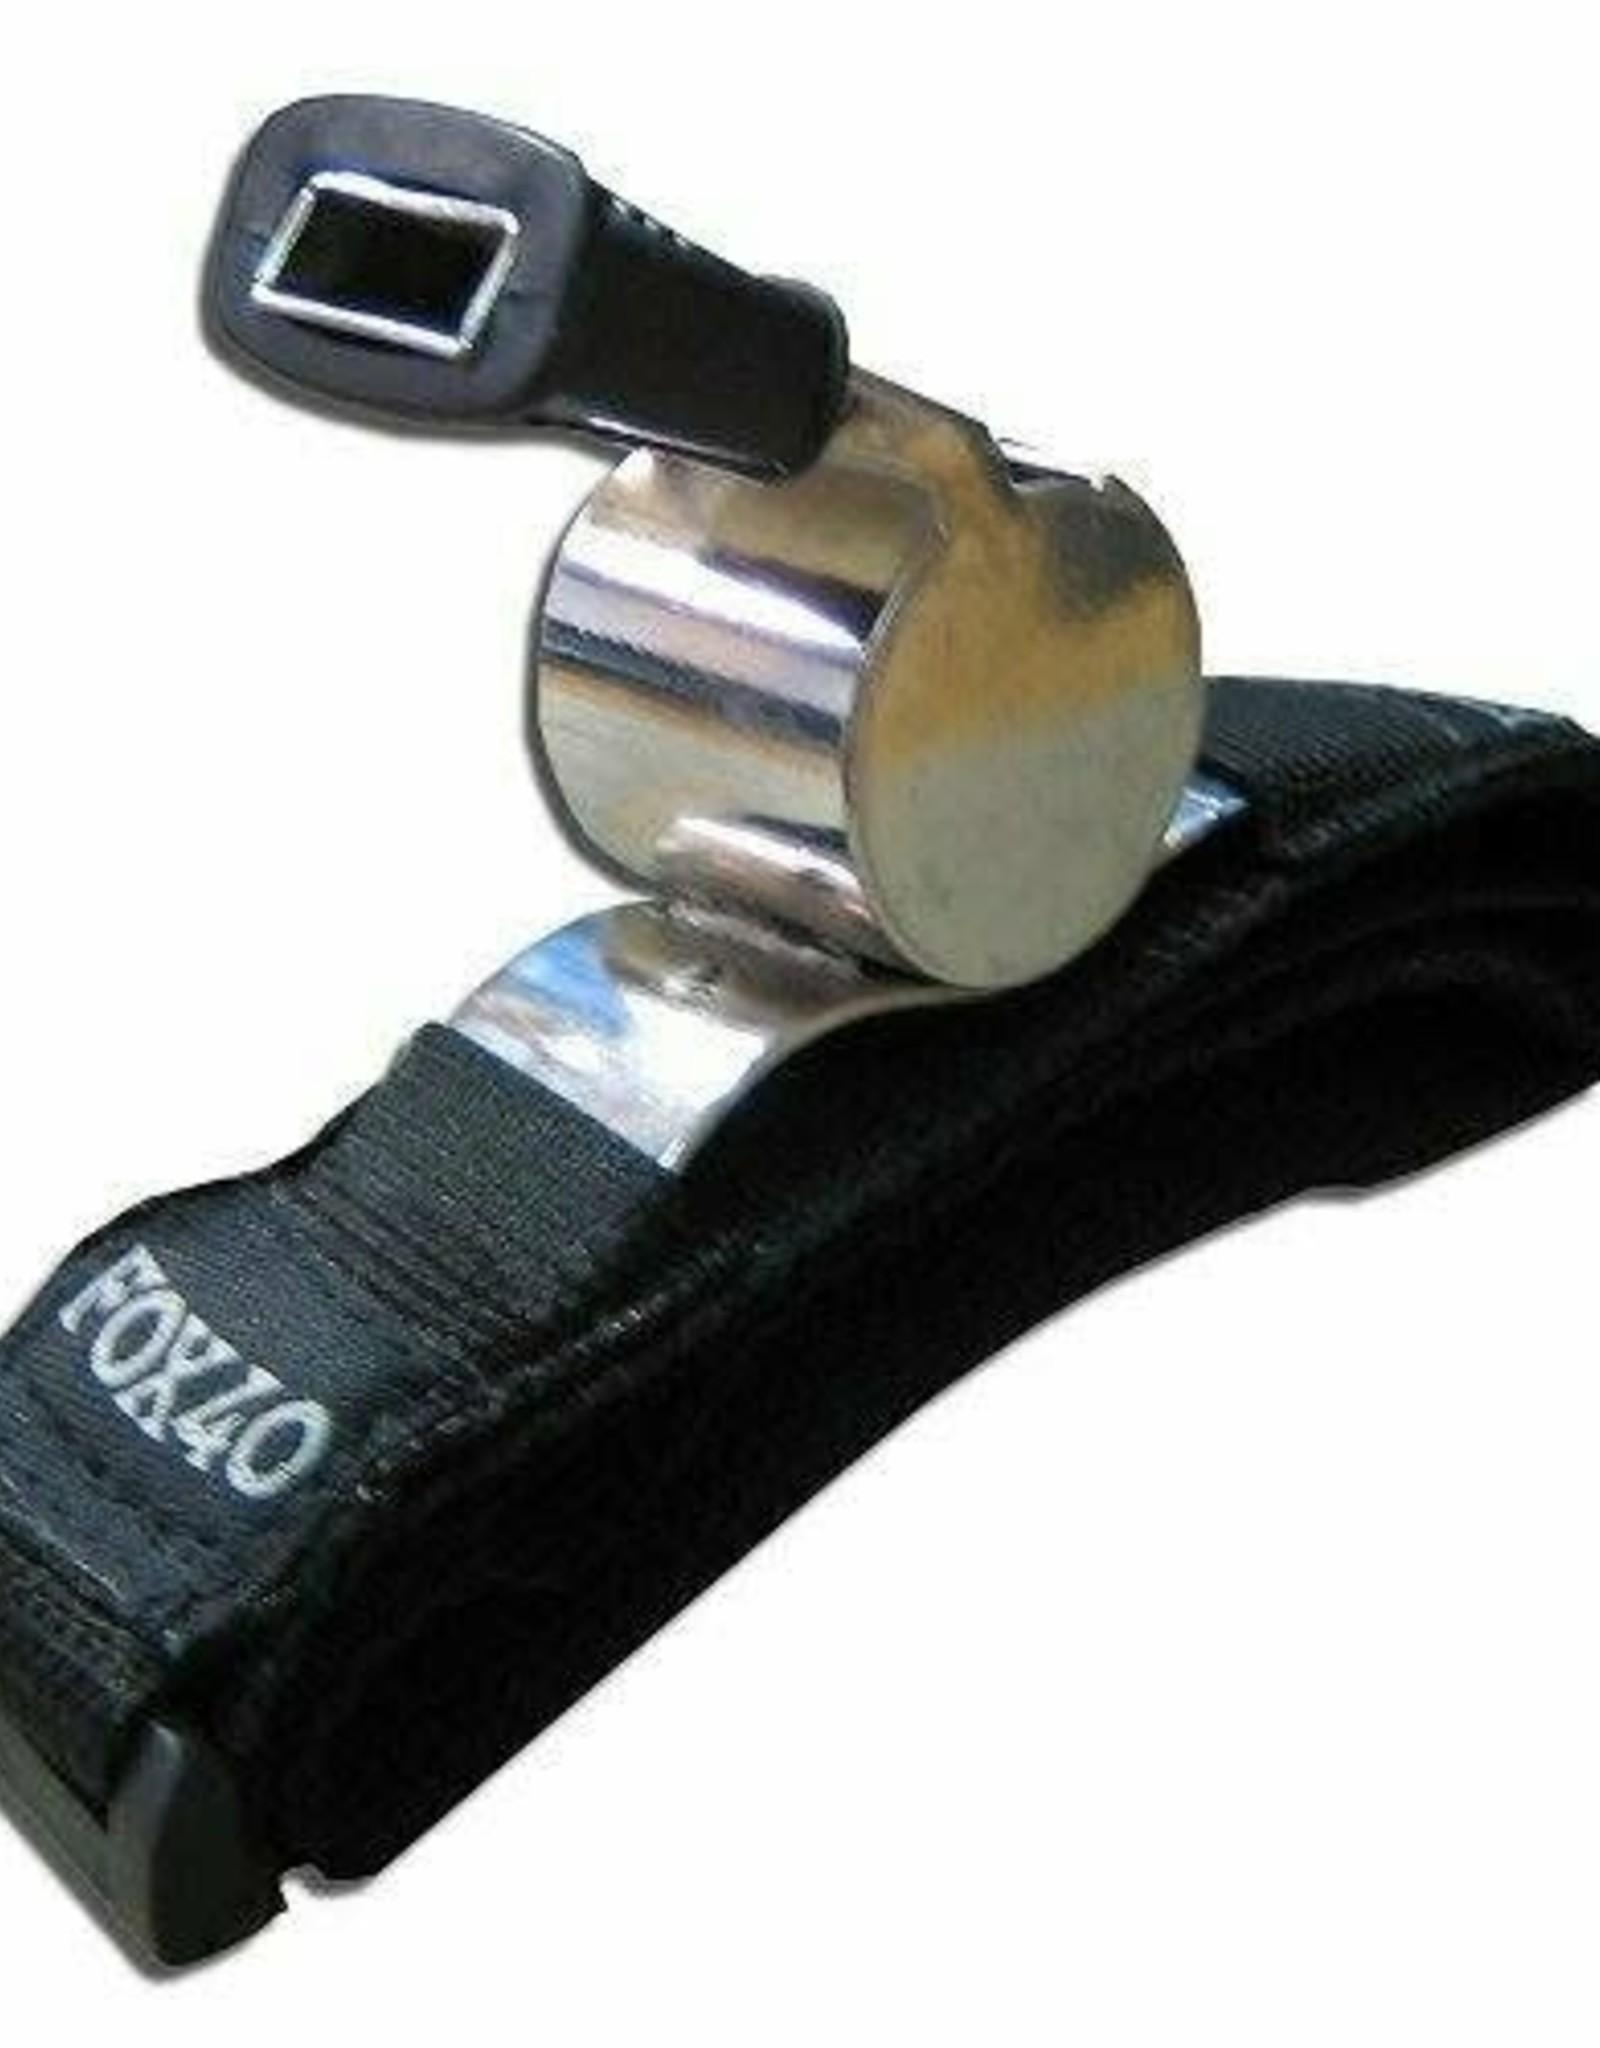 A&R Fox 40 Glove Whistle